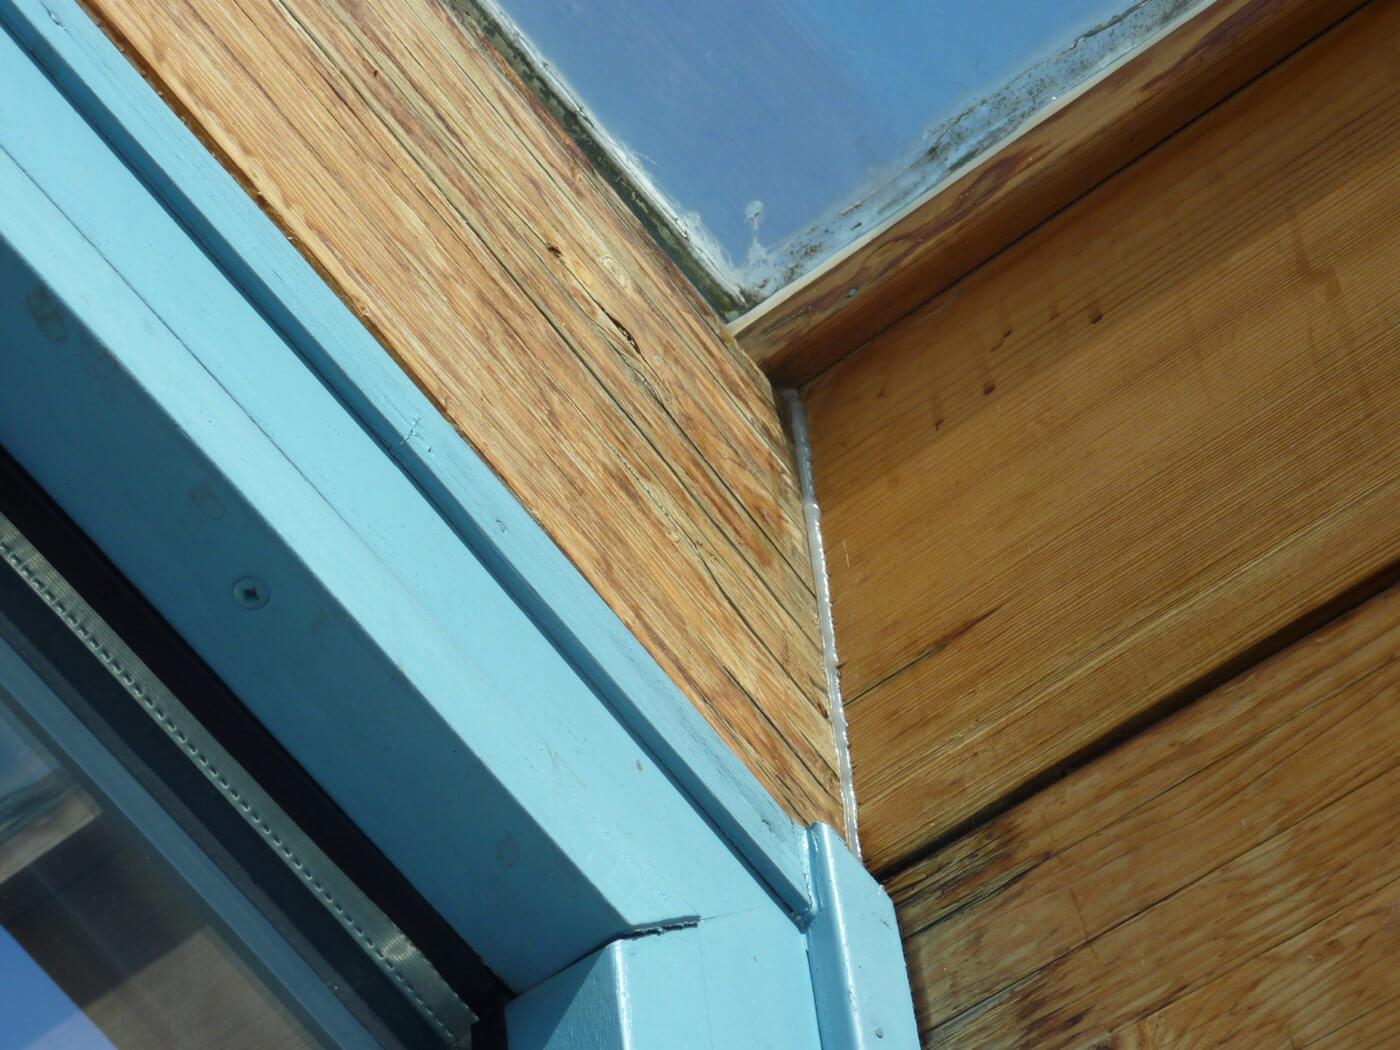 professionelle Sanierung-Glasdach: vorher - undichte Konstruktion